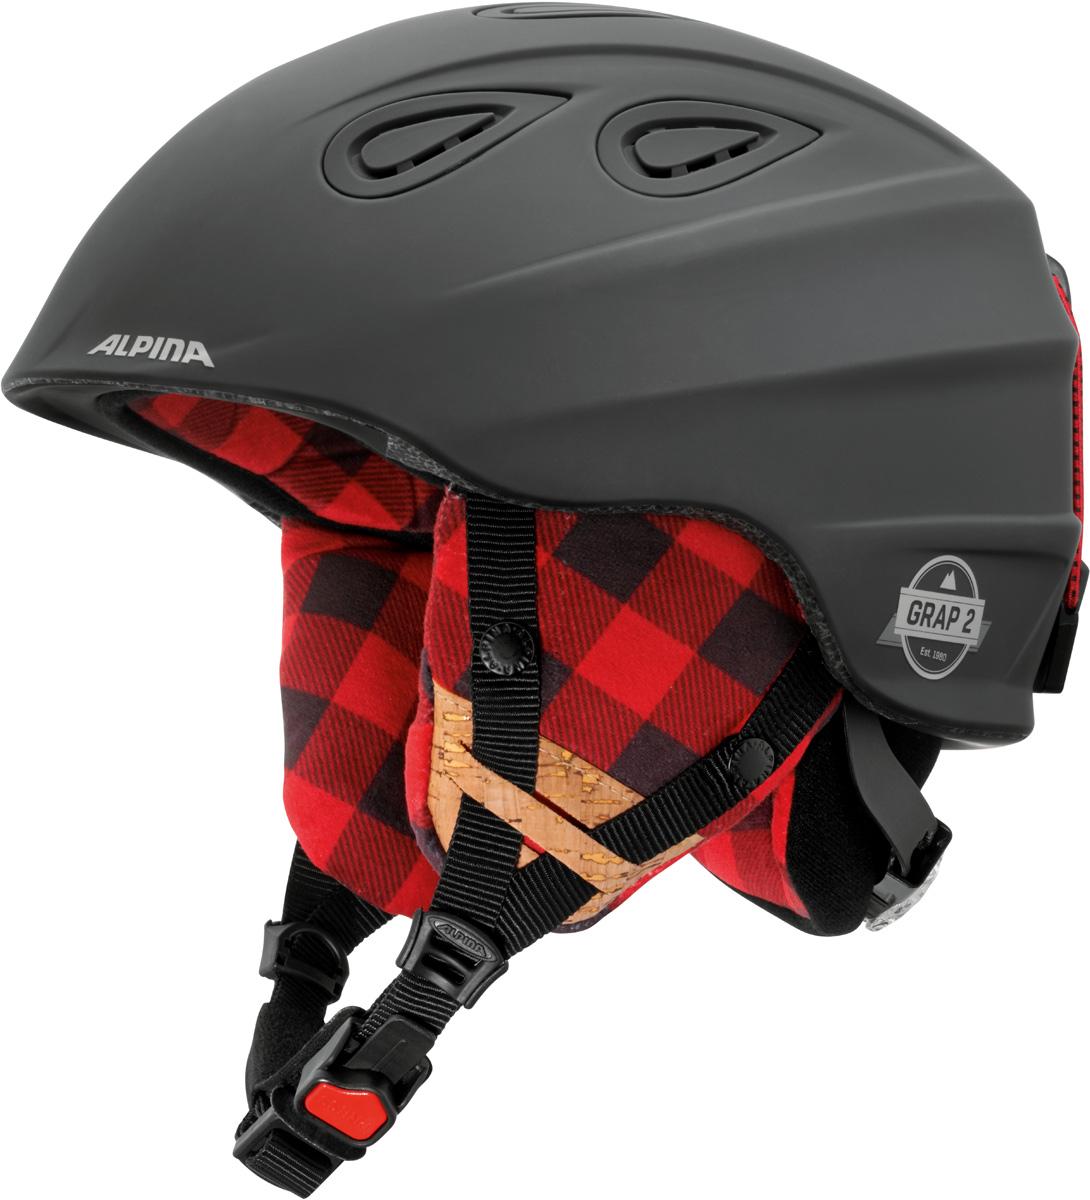 Шлем горнолыжный Alpina Grap 2.0 LE, цвет: черный. A9094_31. Размер 61-64A9094_31Шлем горнолыжный Alpina Grap 2.0 LE - одна из самых популярных моделей в каталоге горнолыжных шлемов Alpina. Надежный, многоцелевой шлем для широкого круга райдеров. L.E. - Limited Edition - ограниченная серия шлемов, выполненная в уникальной расцветке.Интенсивность воздушного потока можно регулировать. Вентиляционные отверстия шлема могут быть открыты и закрыты раздвижным механизмом.Съемные ушки-амбушюры можно снять за секунду и сложить в карман лыжной куртки. Если вы наслаждаетесь катанием в начале апреля, такая возможность должна вас порадовать. А когда температура снова упадет - щелк и вкладыш снова на месте.Внутренник шлема легко вынимается, стирается, сушится и вставляется обратно.Прочная и легкая конструкция In-mold. Тонкая и прочная поликарбонатная оболочка под воздействием высокой температуры и давления буквально сплавляется с гранулами EPS, которые гасят ударную нагрузку.Внутренняя оболочка каждого шлема Alpina состоит из гранул HI-EPS (сильно вспененного полистирола). Микроскопические воздушные карманы эффективно поглощают ударную нагрузку и обеспечивают высокую теплоизоляцию. Эта технология позволяет достичь минимальной толщины оболочки. А так как гранулы HI-EPS не впитывают влагу, их защитный эффект не ослабевает со временем.Из задней части шлема можно достать шейный утеплитель из мягкого микро-флиса. Этот теплый воротник также защищает шею от ударов на высокой скорости и при сибирских морозах. В удобной конструкции отсутствуют точки давления на шею.Вместо фастекса на ремешке используется красная кнопка с автоматическим запирающим механизмом, которую легко использовать даже в лыжных перчатках. Механизм защищен от произвольного раскрытия при падении.Ручка регулировки Run System Classic в задней части шлема позволяет за мгновение комфортно усадить шлем на затылке.Y-образный ремнераспределитель двух ремешков находится под ухом и обеспечивает быструю и точную посадку шлема на г